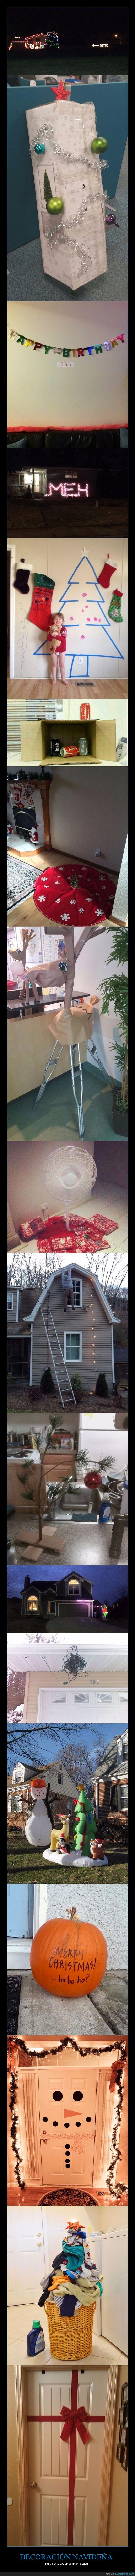 decoración navideña,navidad,vagos